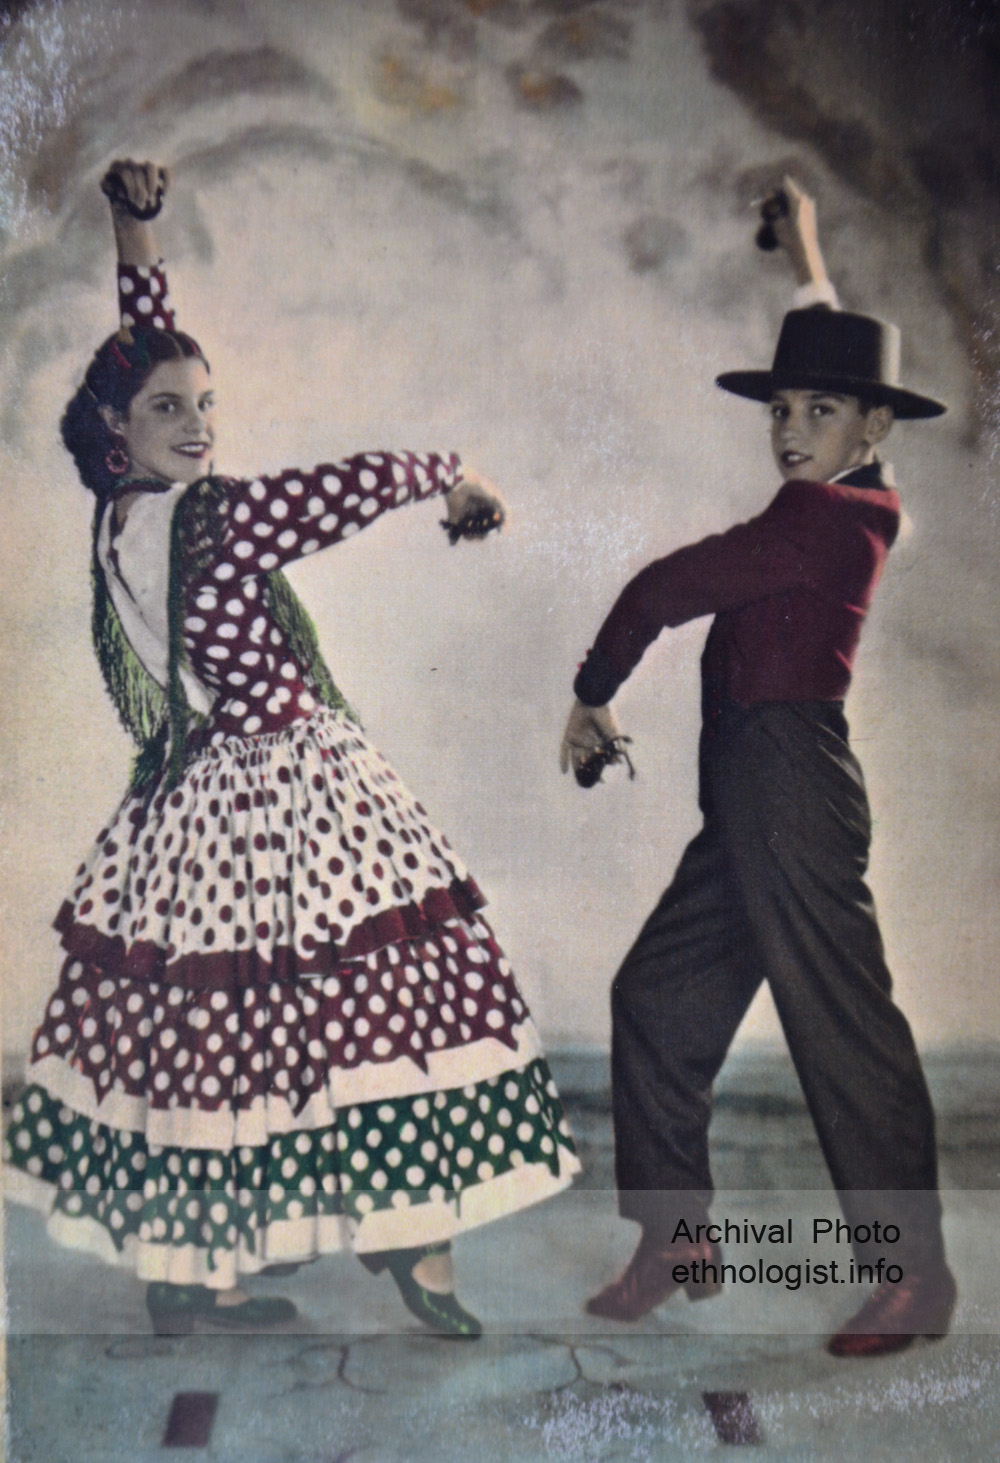 Fermín Barnó se svou sestrou Soledad. Archivní fotografie